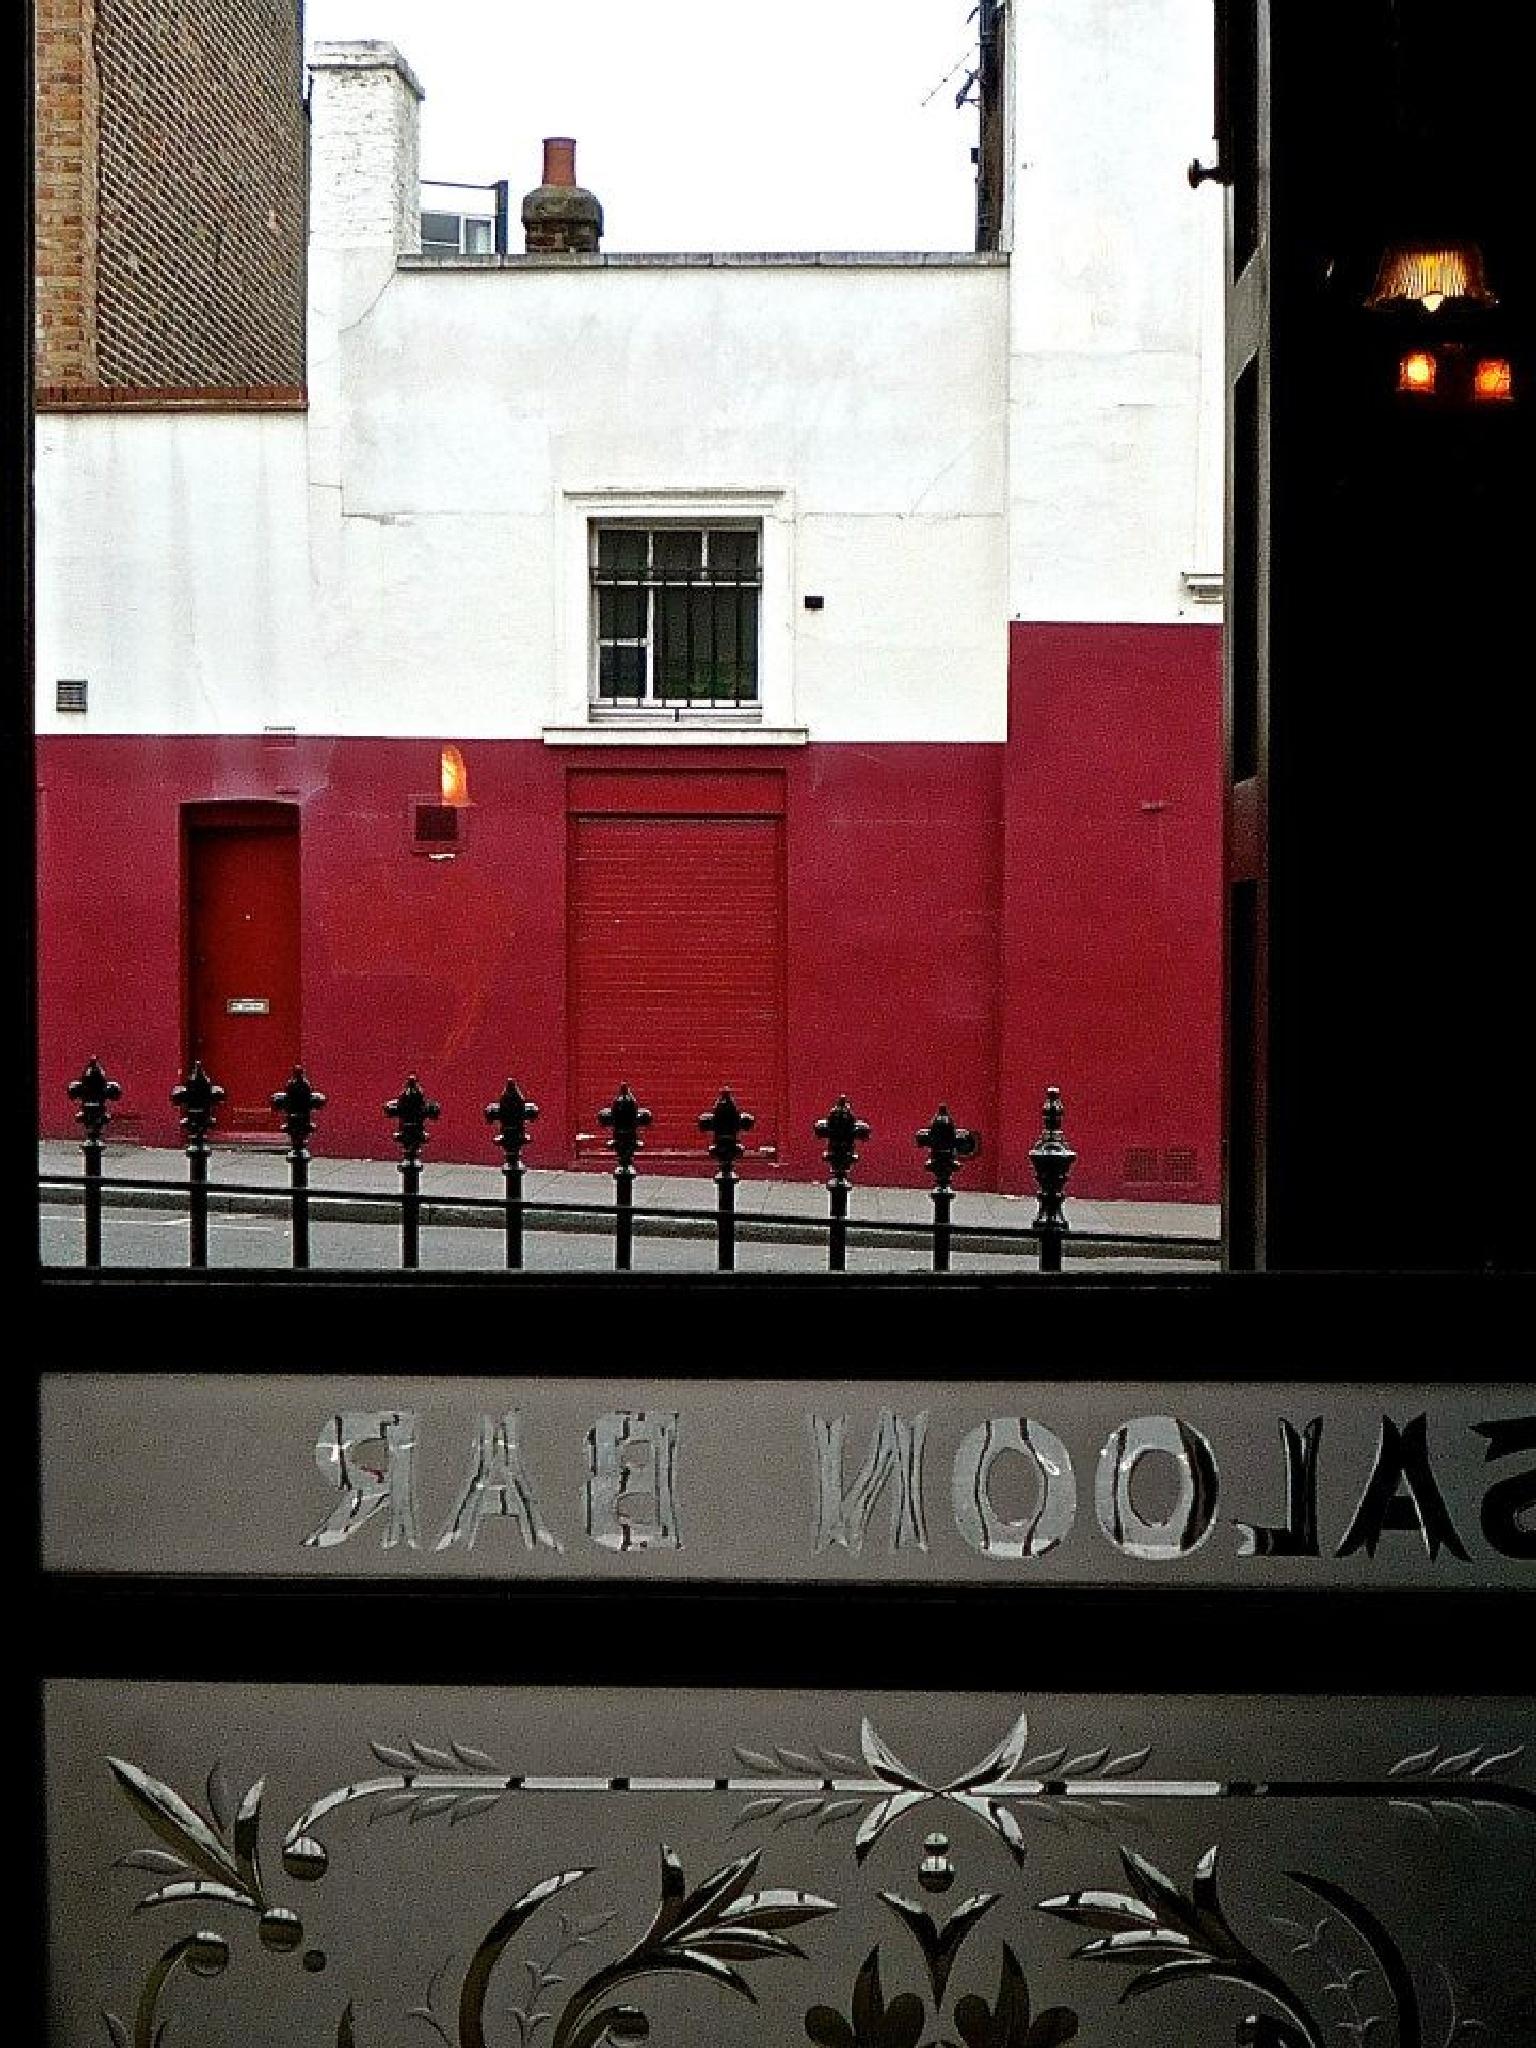 From A Pub by Owiba Riccardo Faini